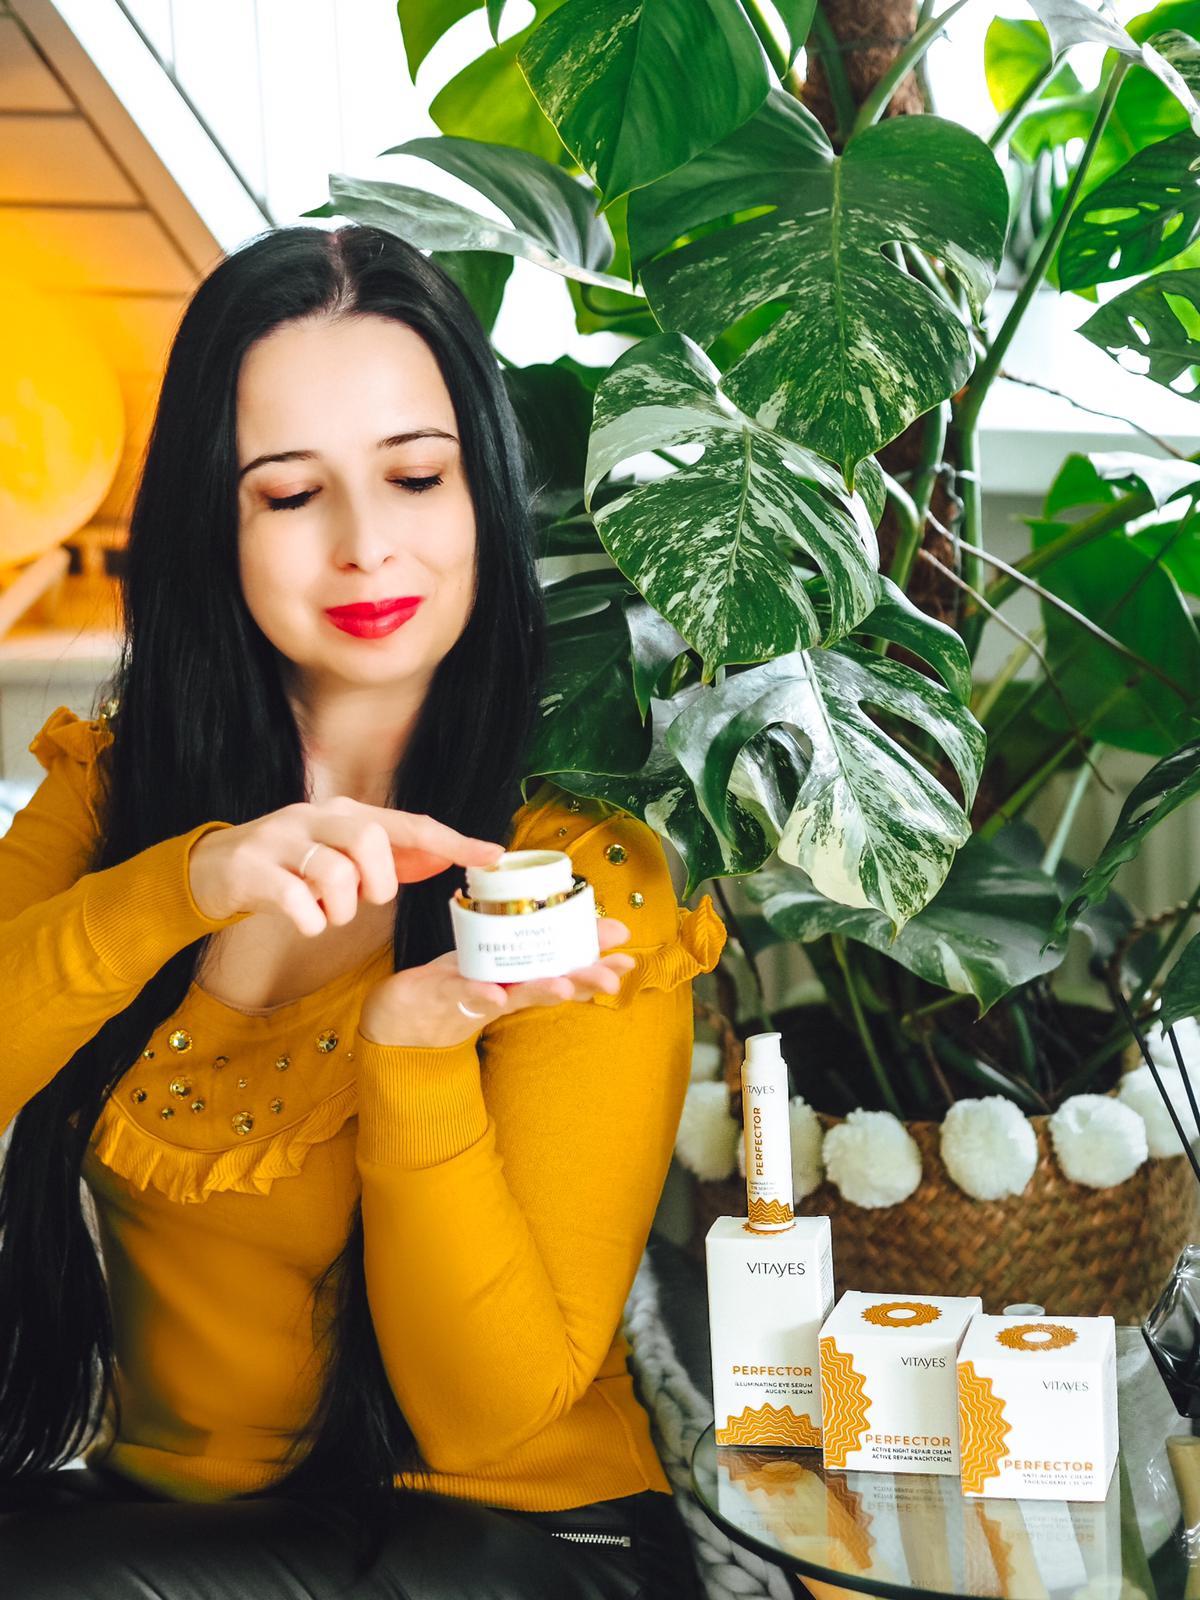 Die Tagescreme der Perfector Hautpflegeserie von Vitayes